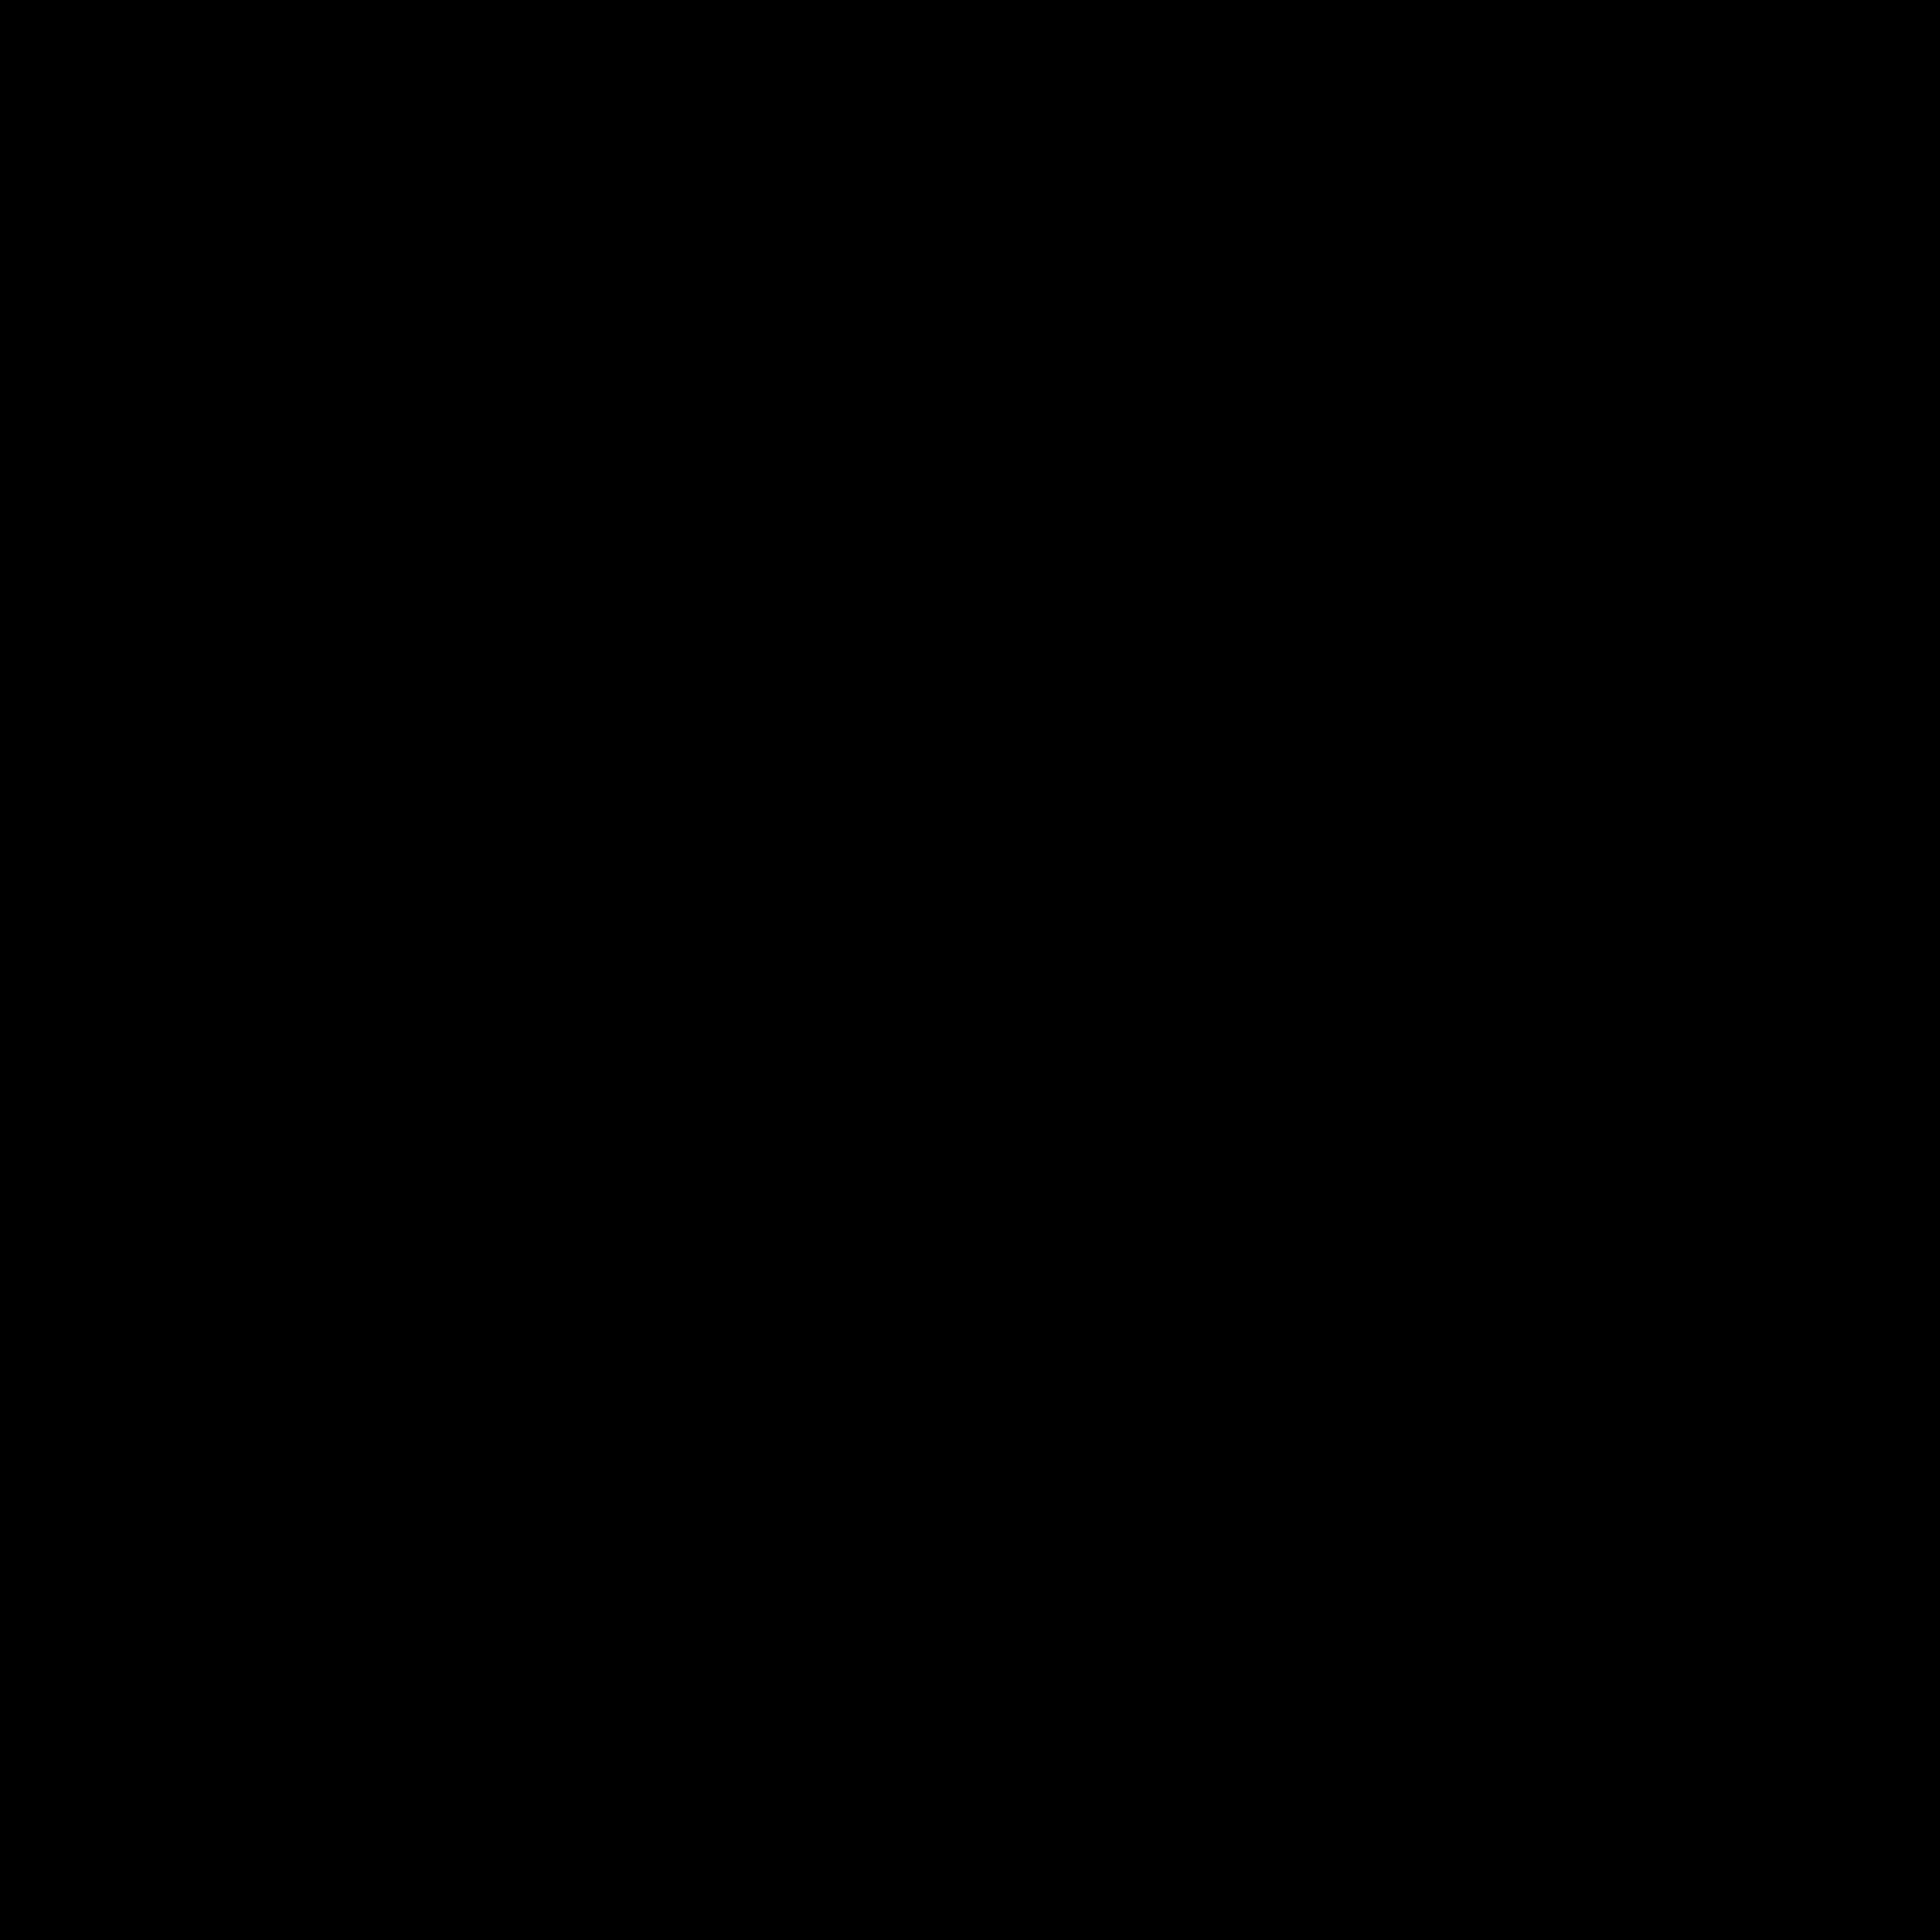 sapphire-website-logo-01.png